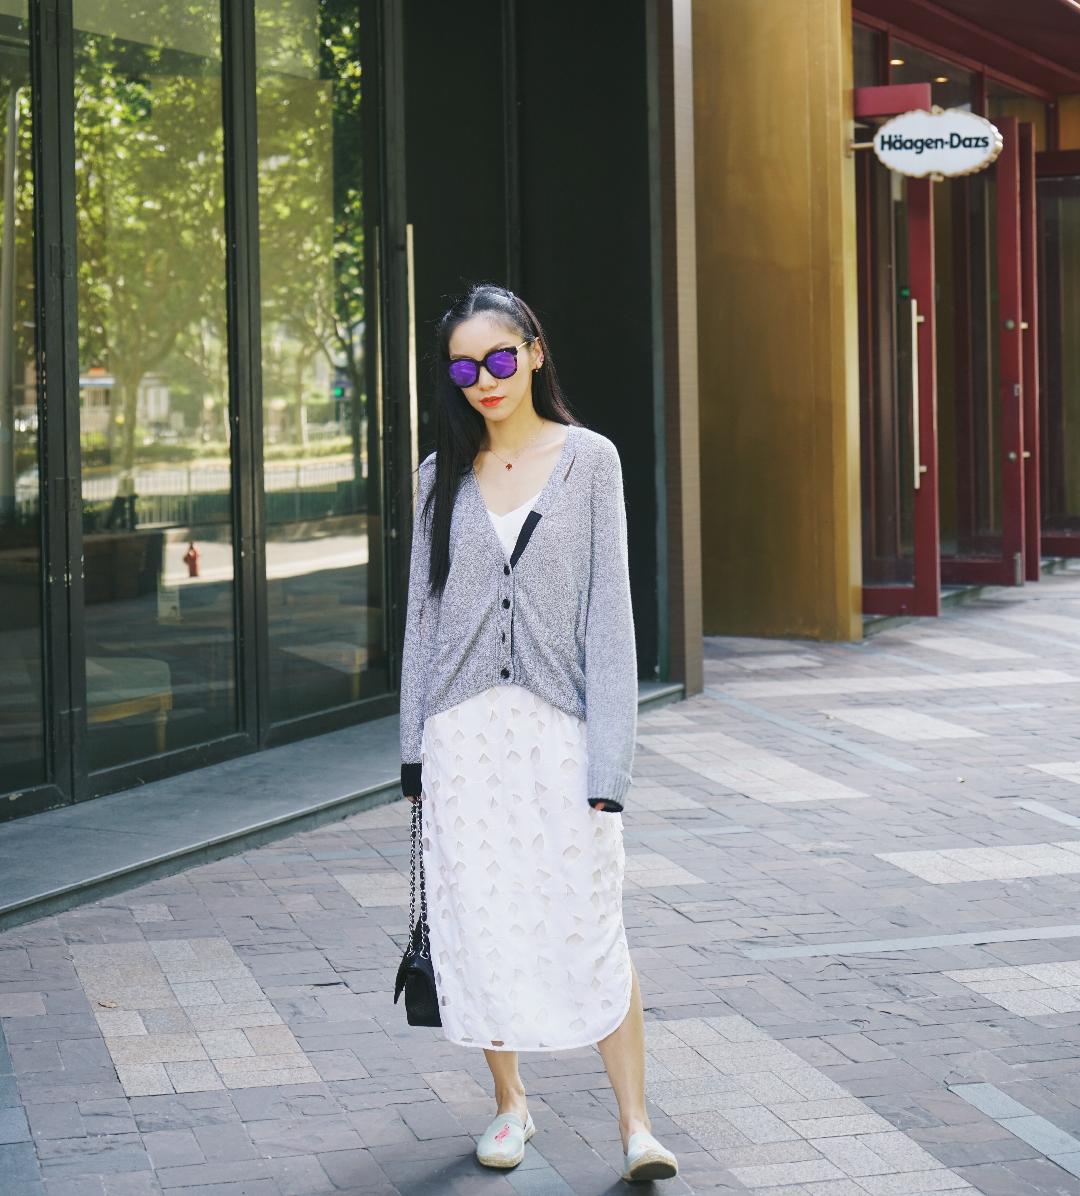 #显瘦开衫#  开衫可以让你任意一件夏天的连衣裙完美过渡到秋天,而且有层次的穿搭会比夏天单穿一条连衣裙更好看哦!mu的这件开衫设计的很好,背后还有故意的漏针,非常时尚,垂垂的慵懒风,黑灰的配色,都很适合搭配各种色系的连衣裙。  开衫:mu 连衣裙:equipmen 鞋:soludos